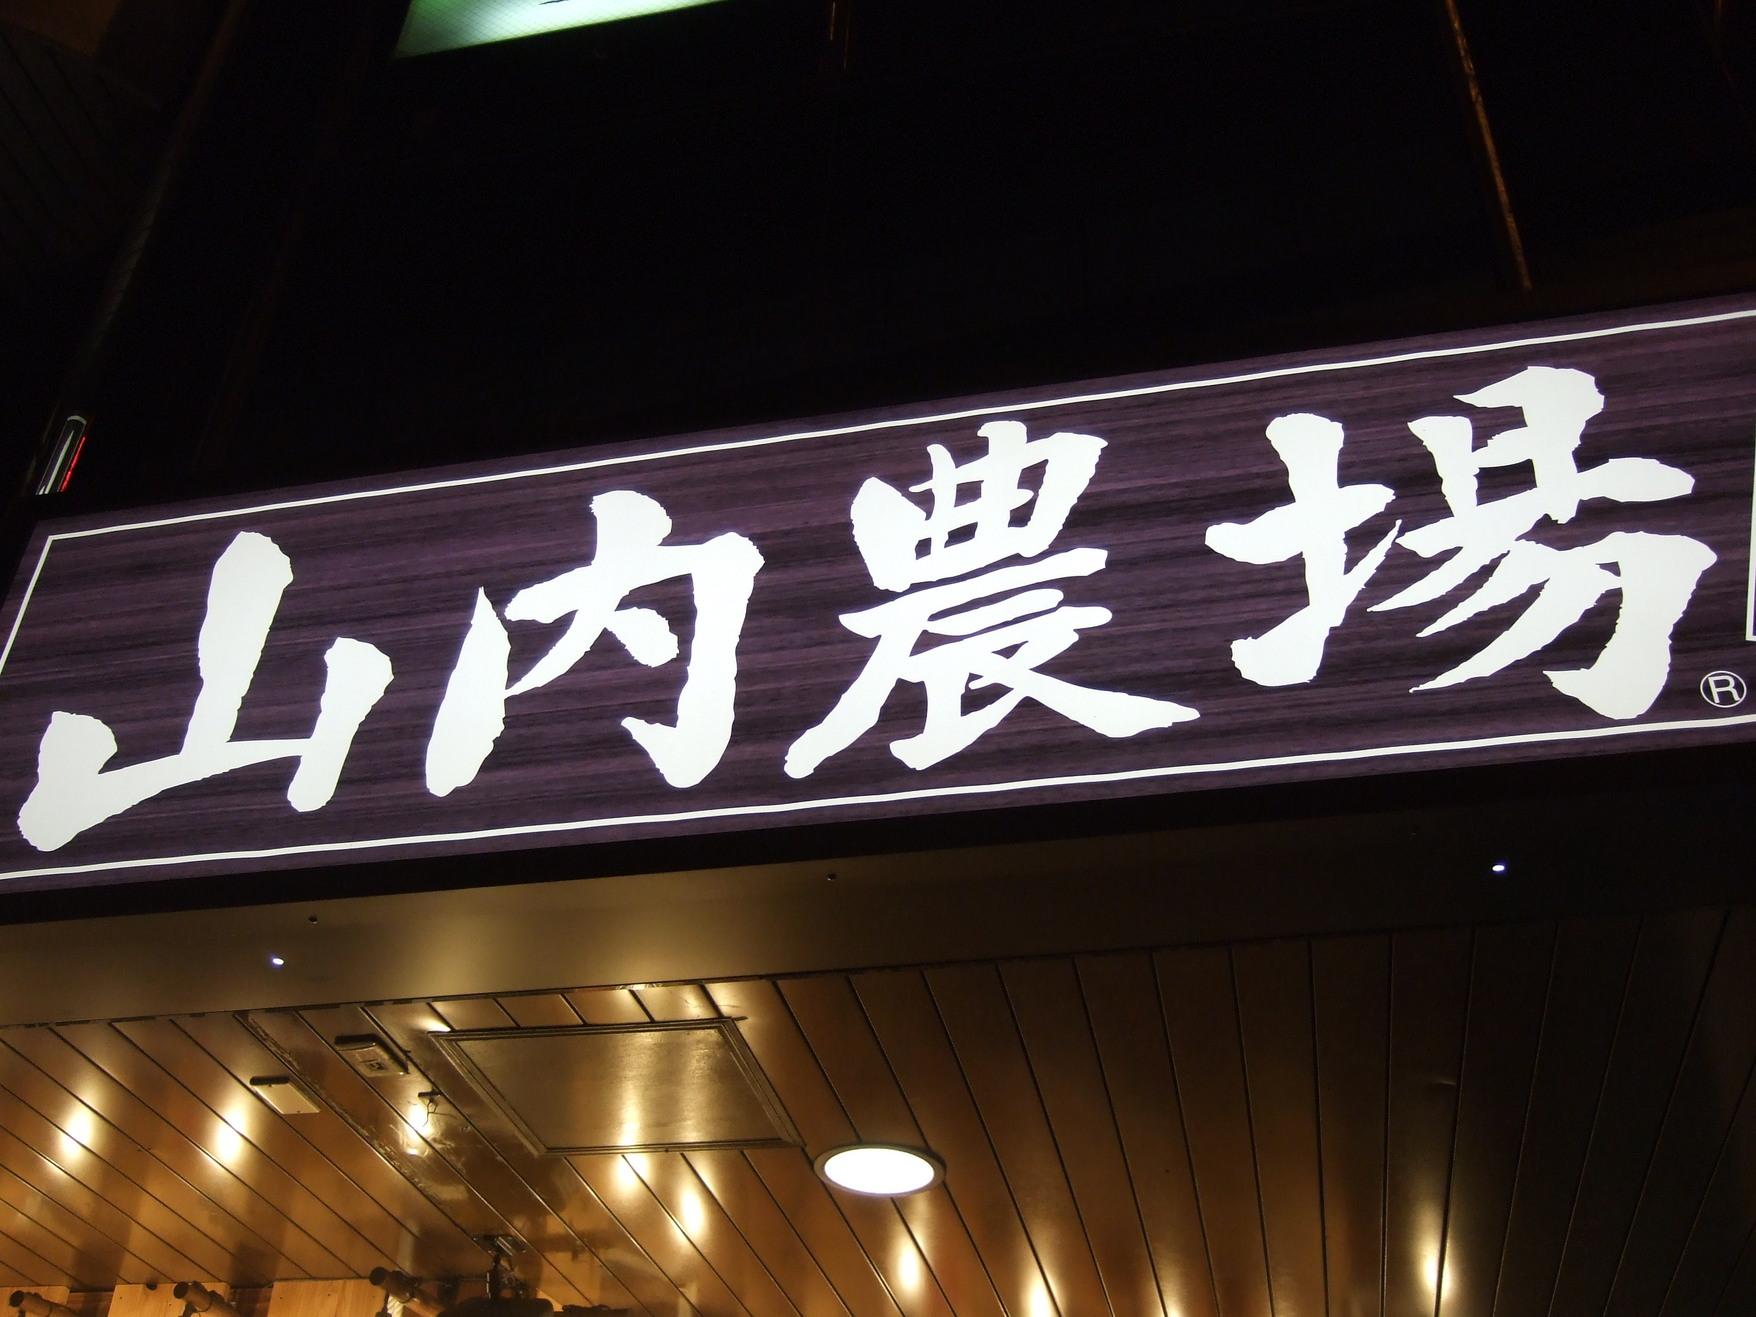 山内農場 駒沢大学駅前店